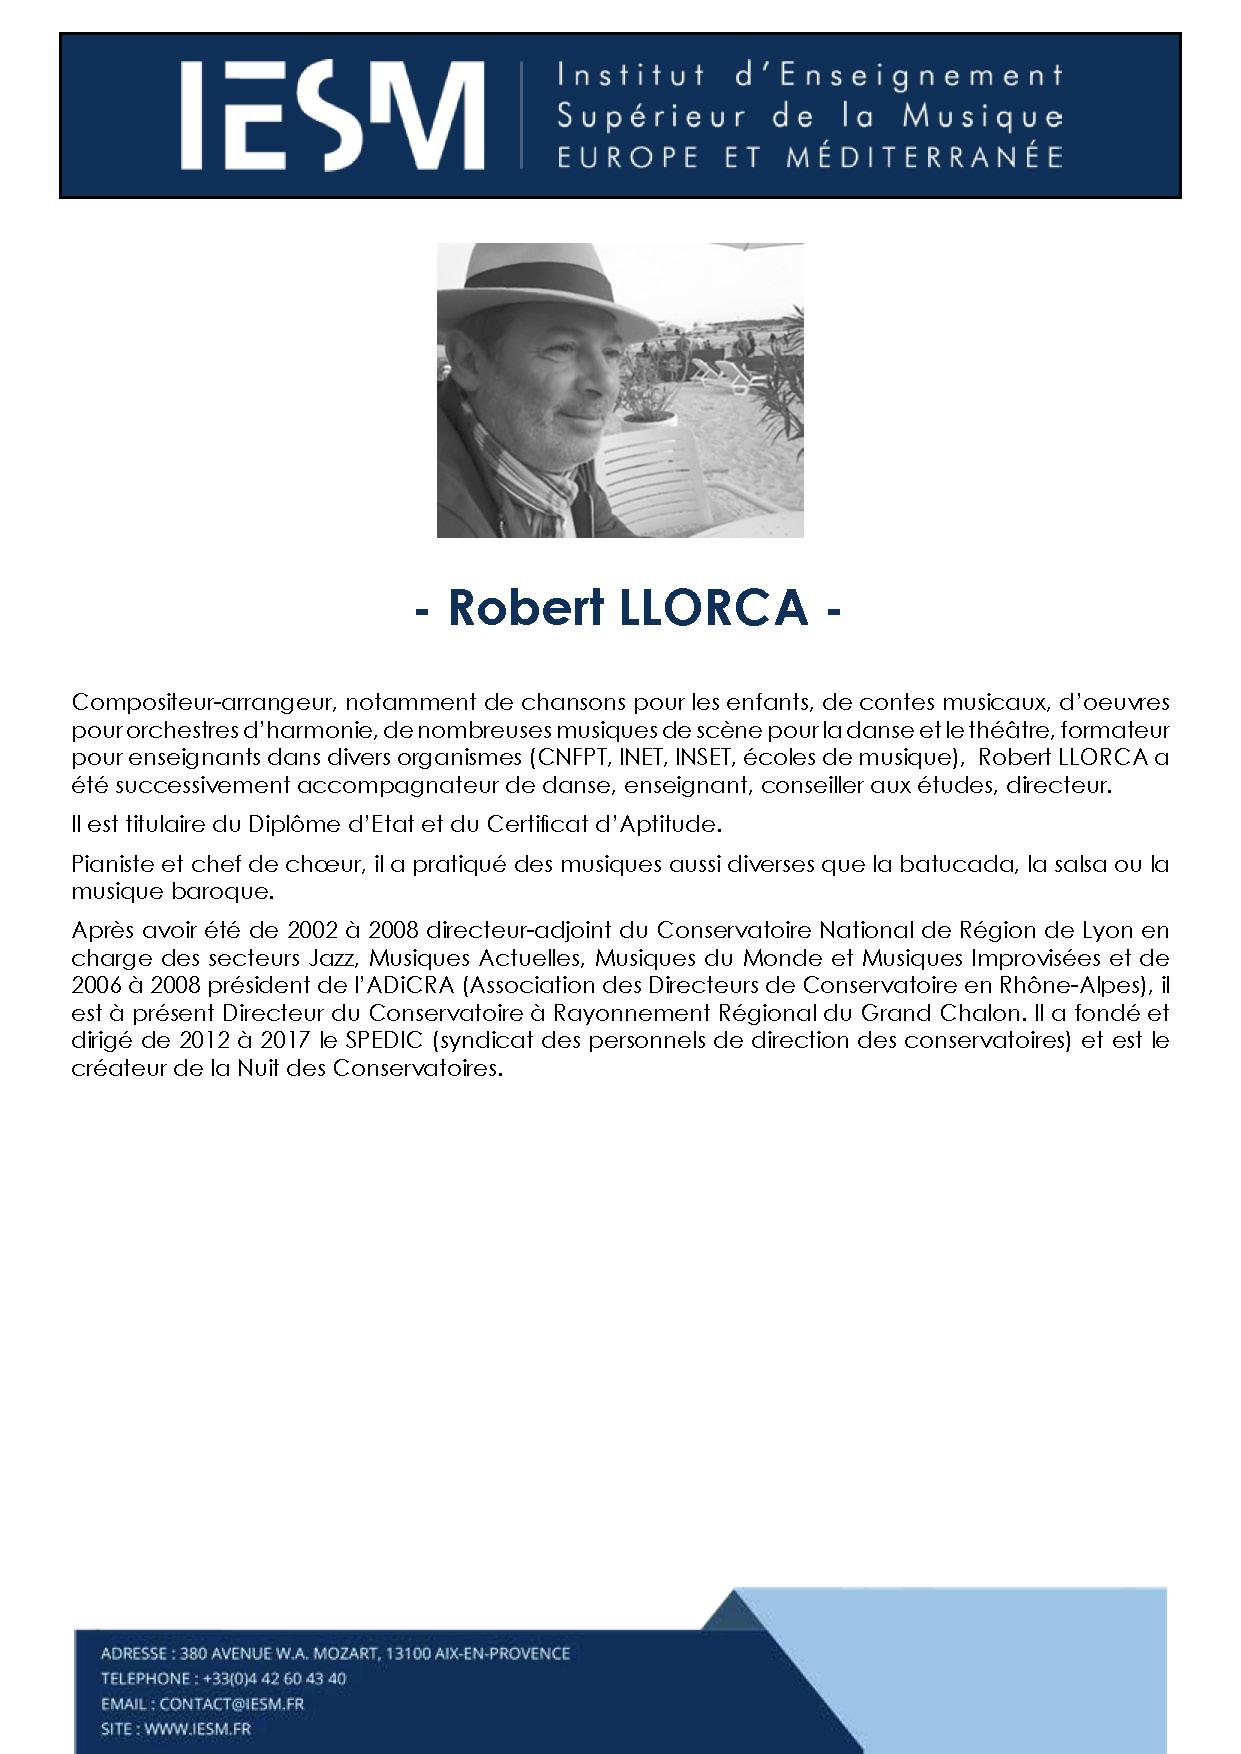 LLORC ROBERTLLORCA